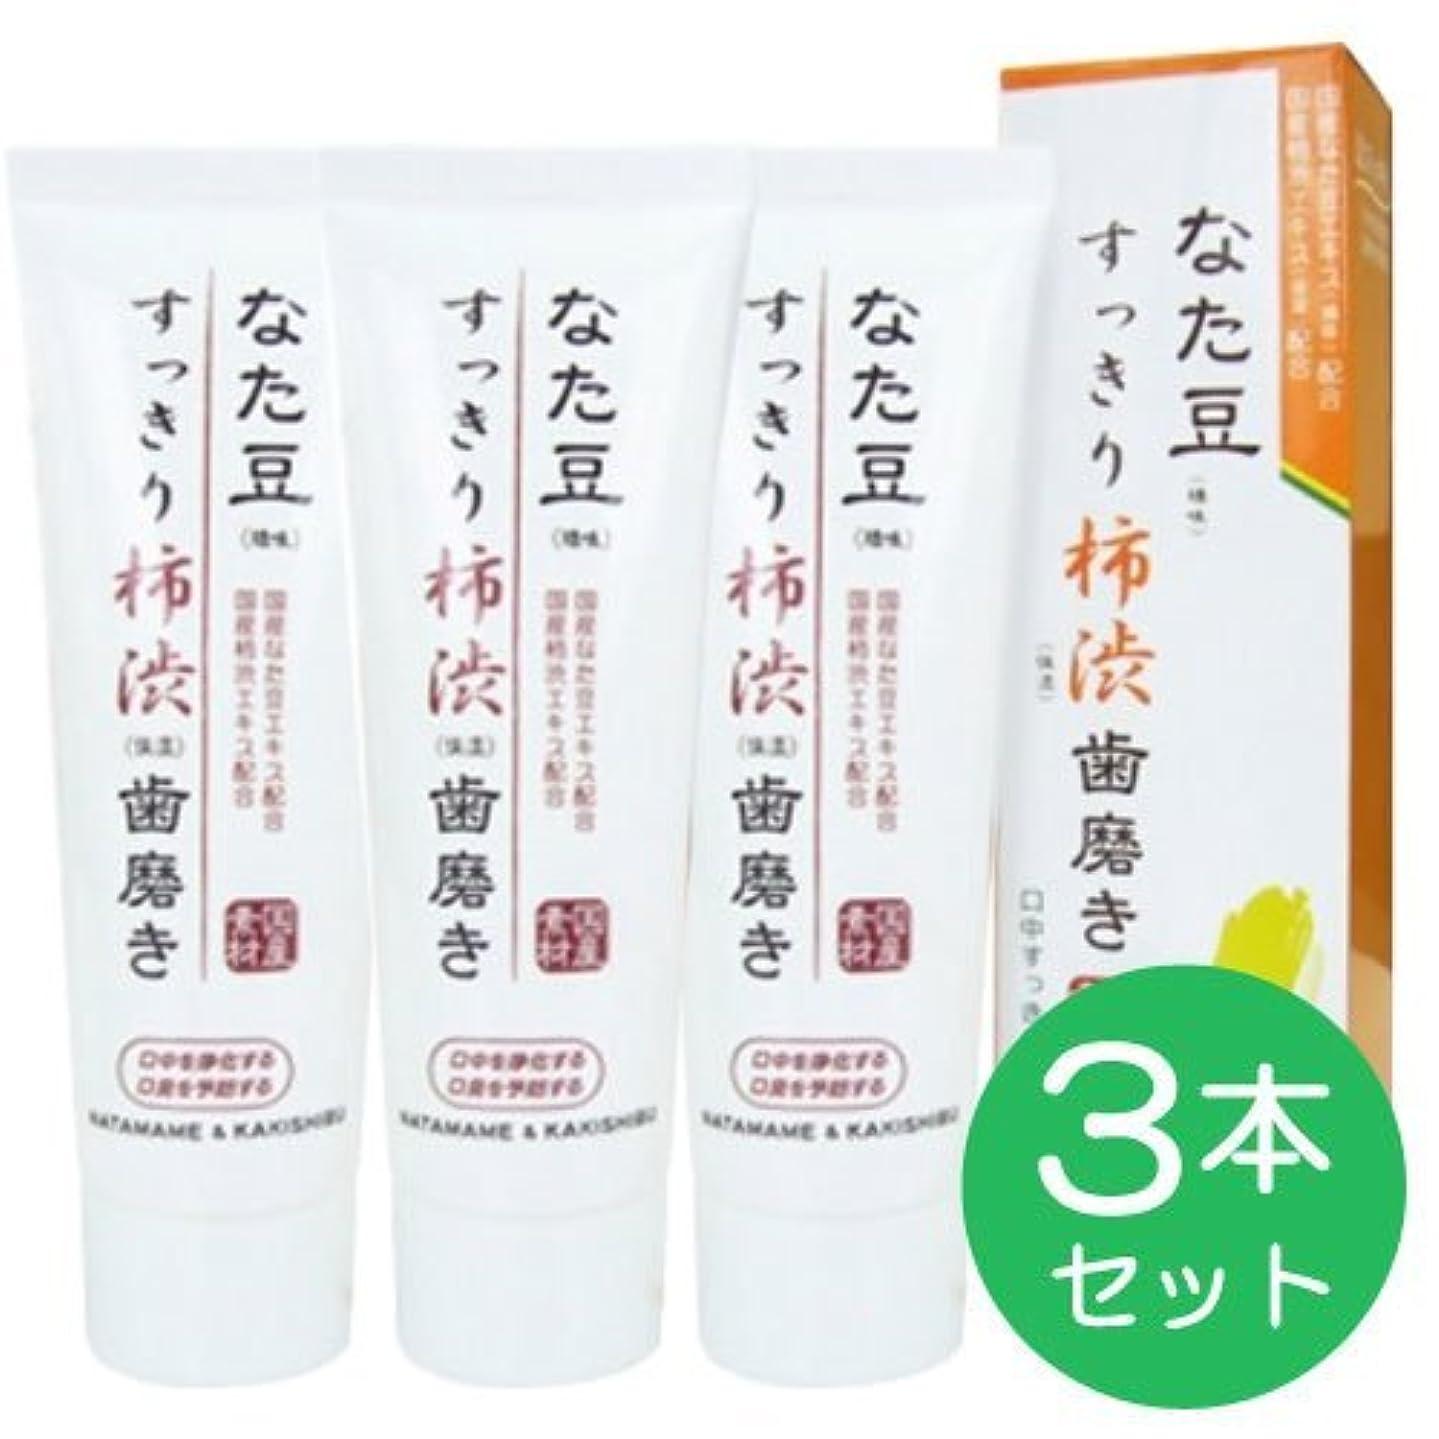 ブレース染色の間でなた豆すっきり柿渋歯磨き粉 (3個)